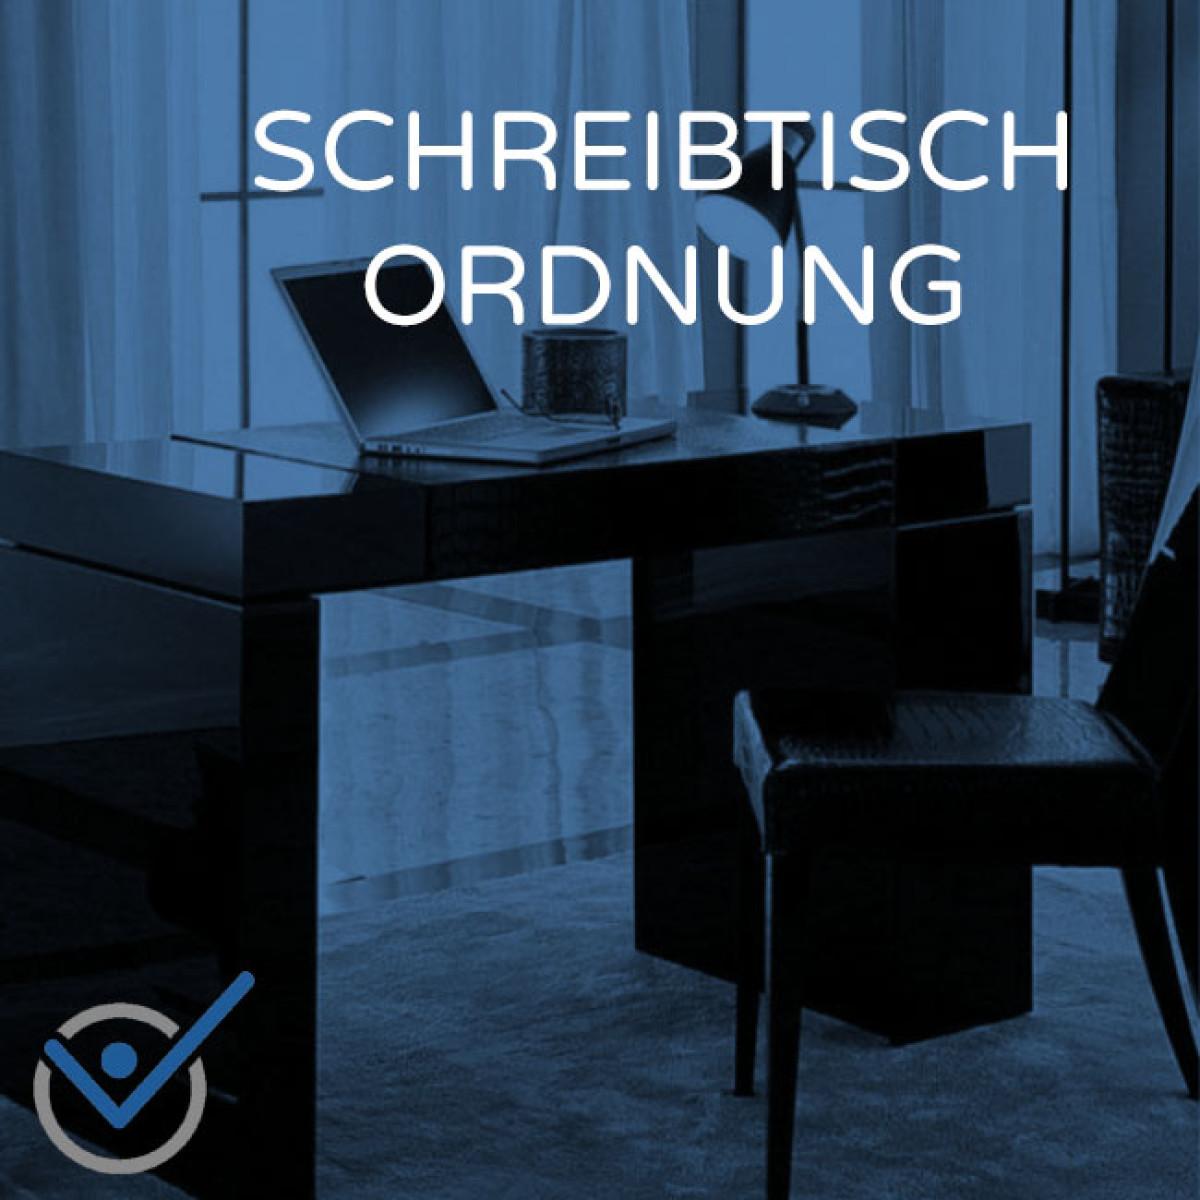 Schreibtisch Ordnung